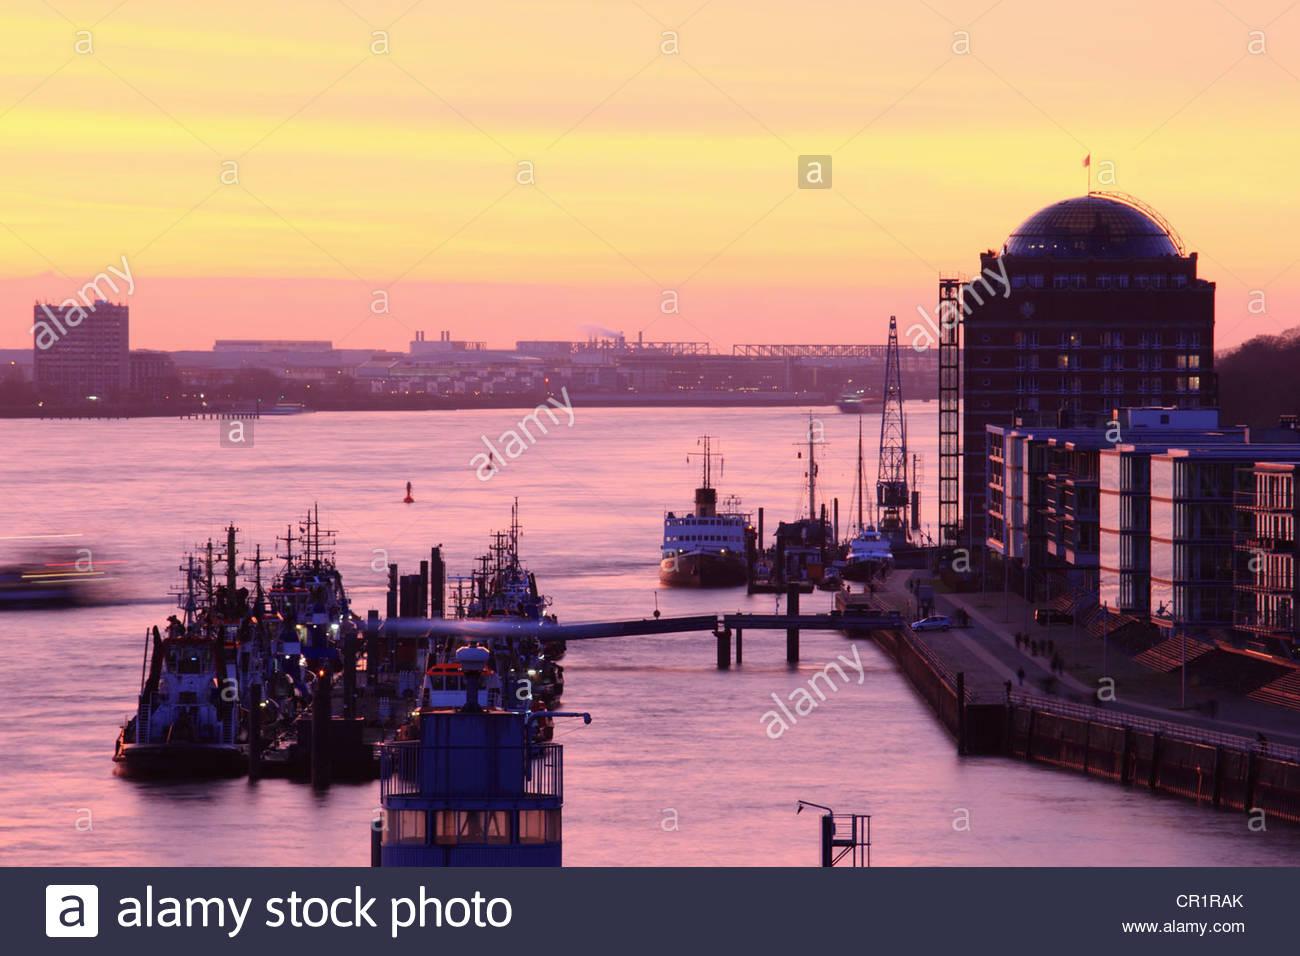 Vista aerea di navi per la pesca a strascico in aree urbane pier Immagini Stock